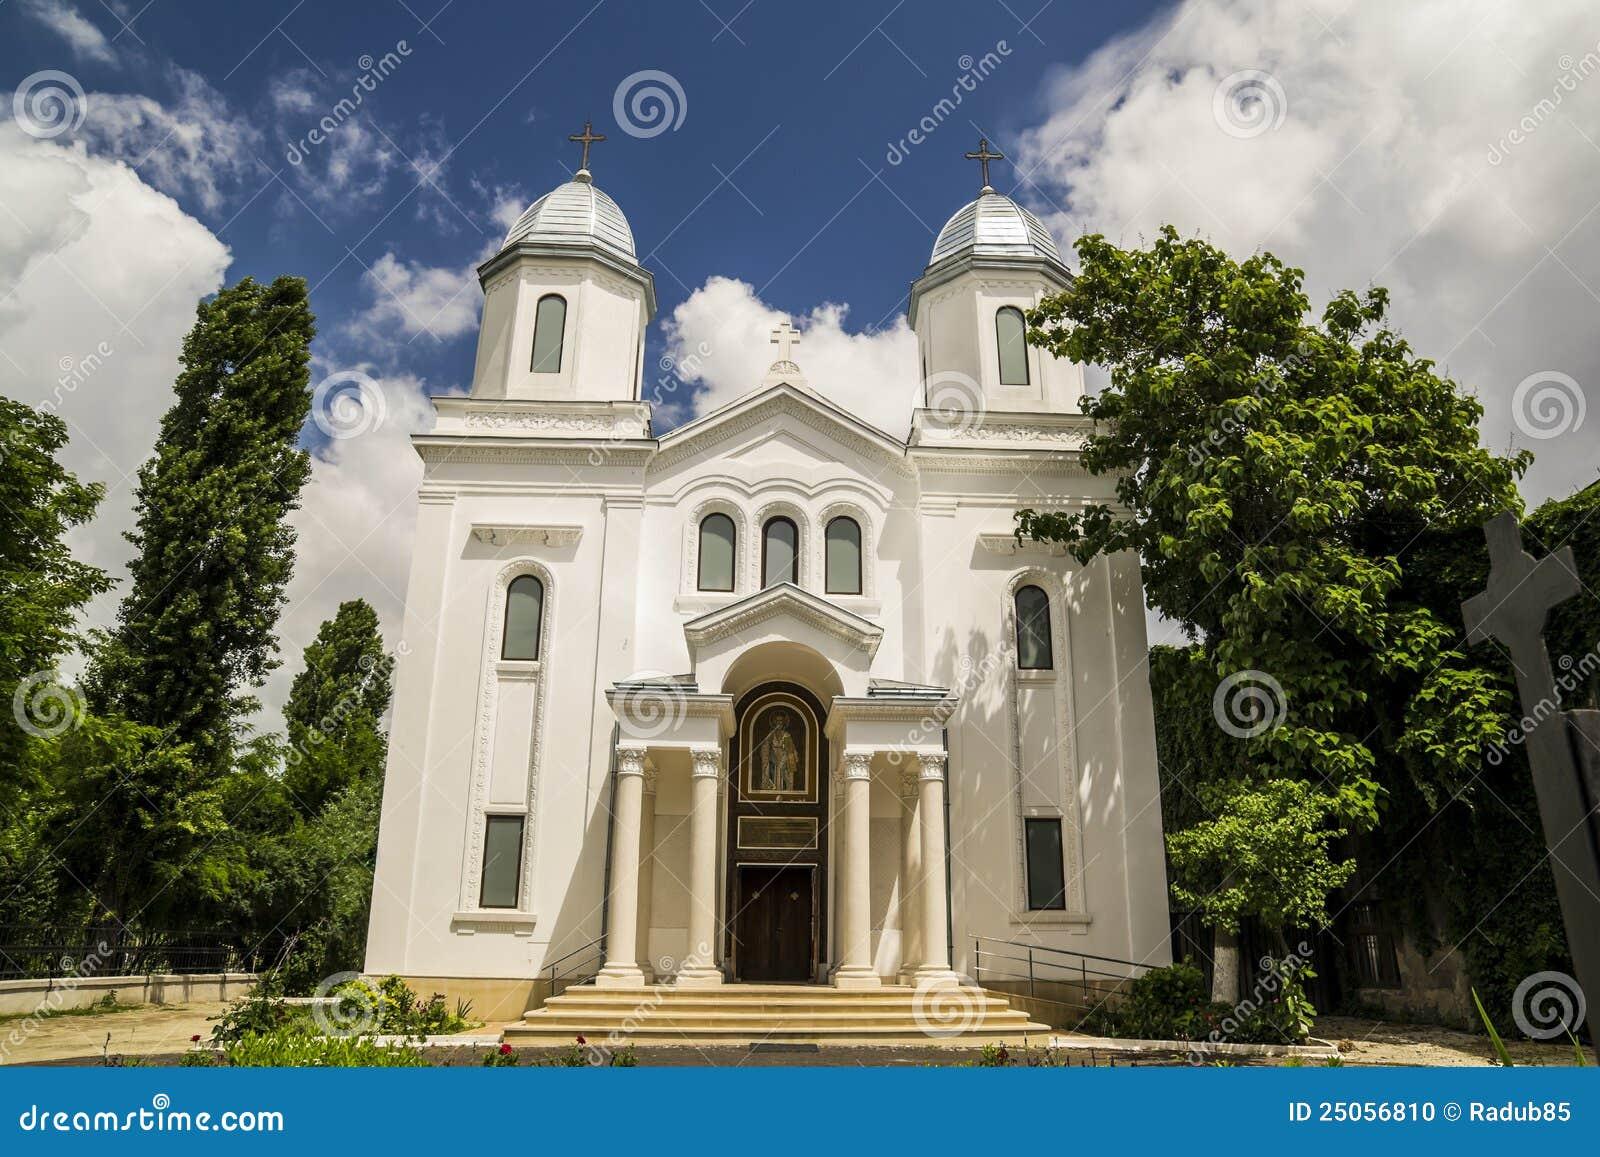 Fachada de la iglesia cristiana